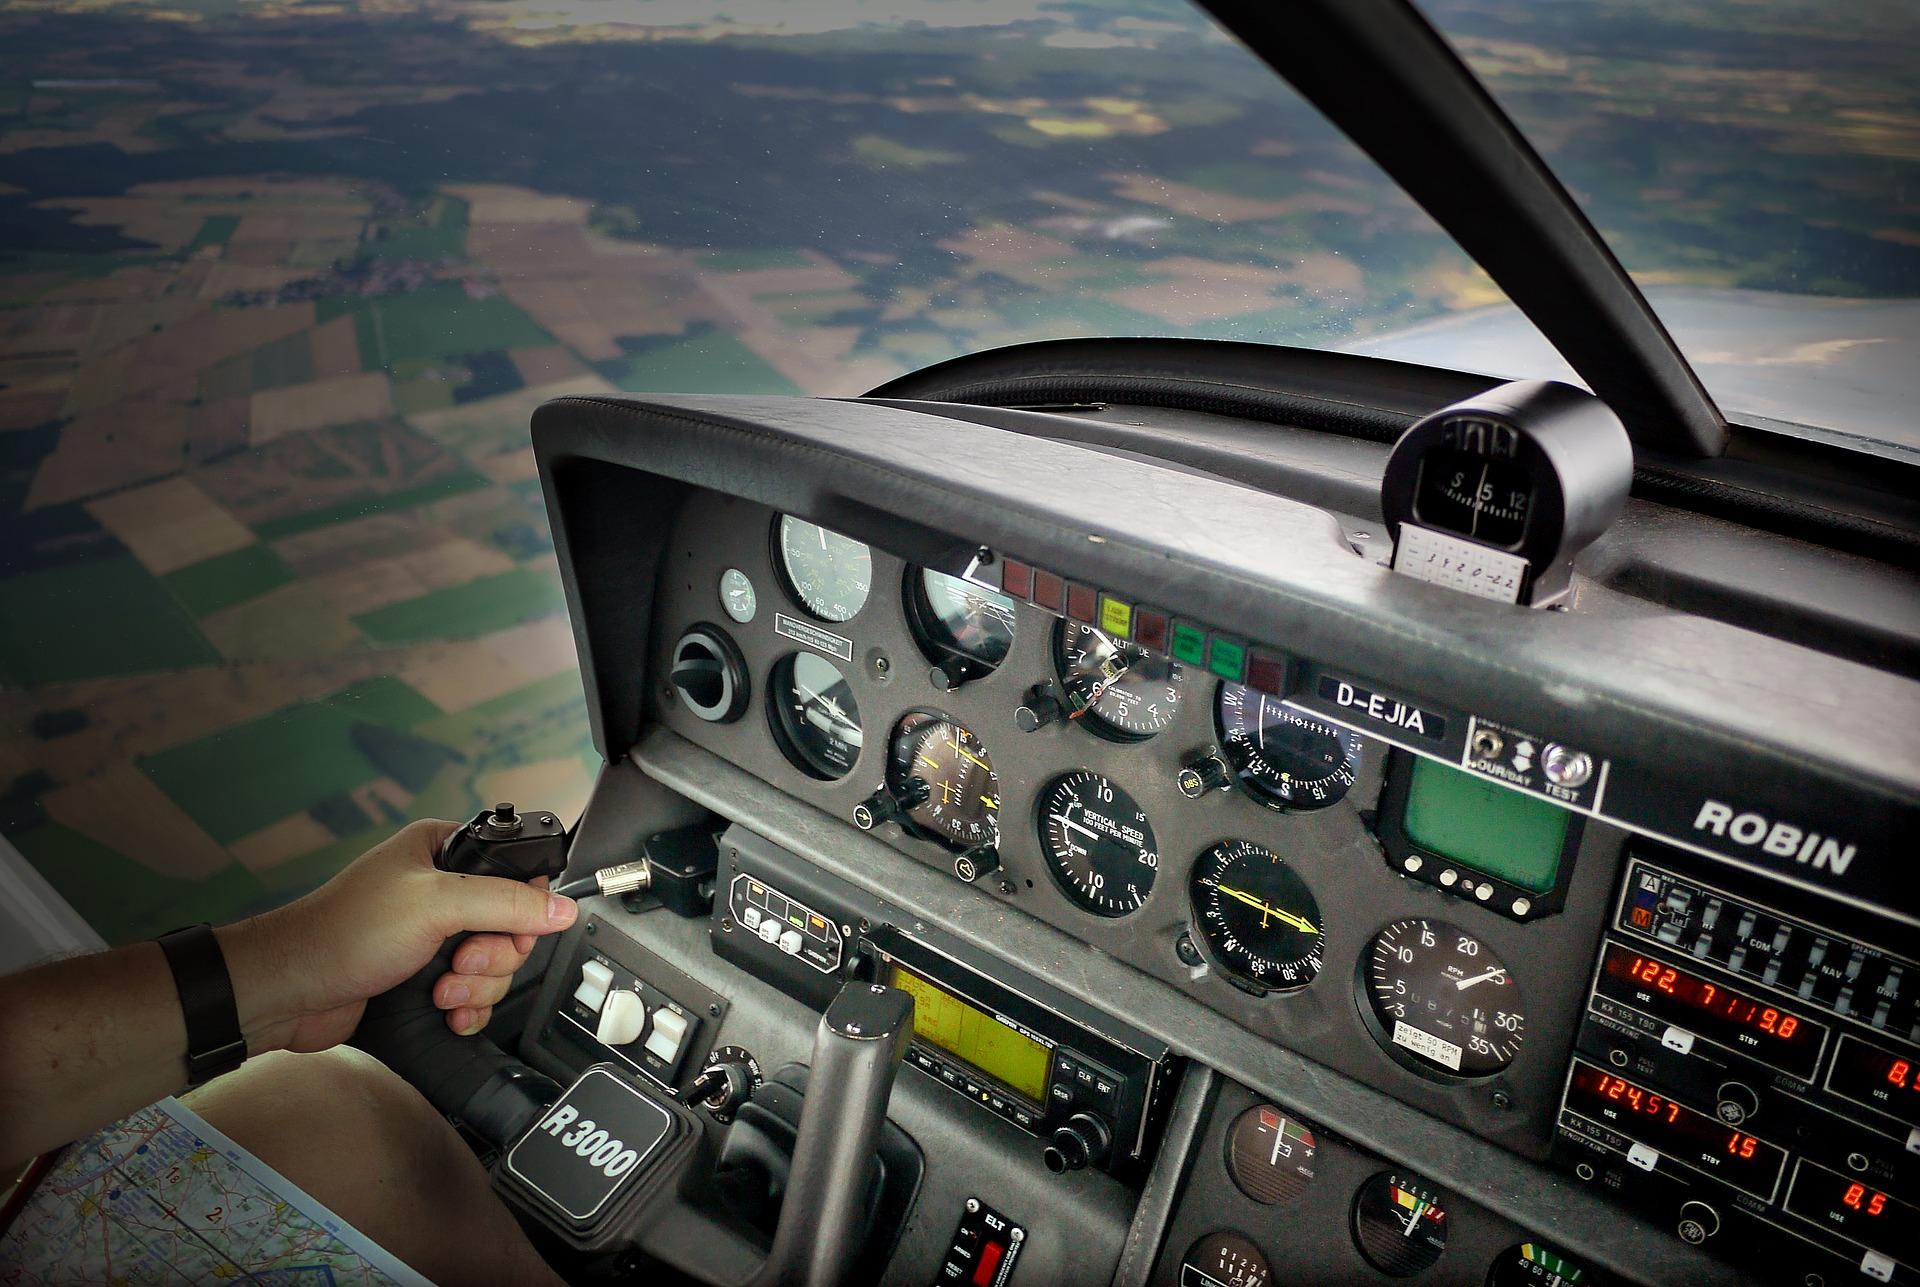 Zdobycie licencji zawodowej w pilotażu samolotów – Grzegorz Brychczyński